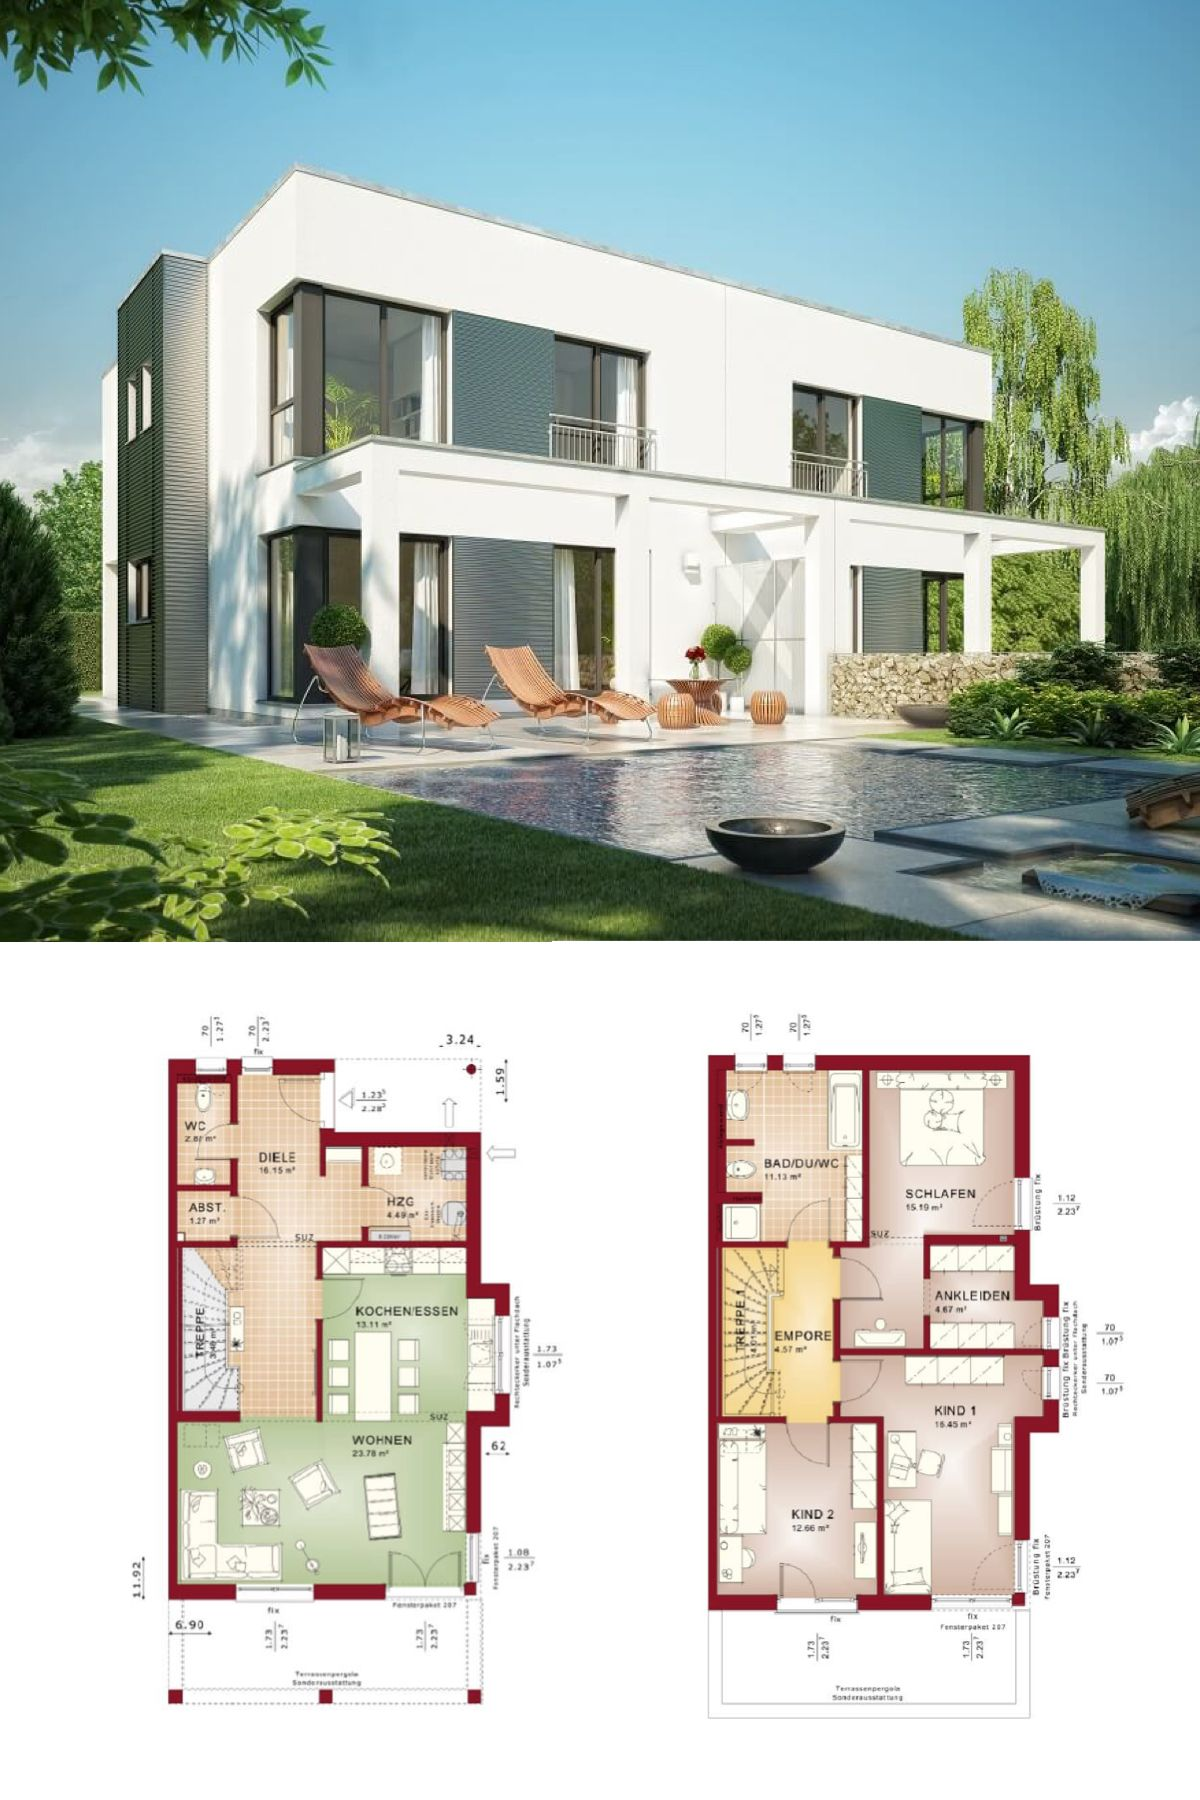 Design doppelhaus im bauhaus stil mit grundriss haus for Minimalistisches haus grundriss